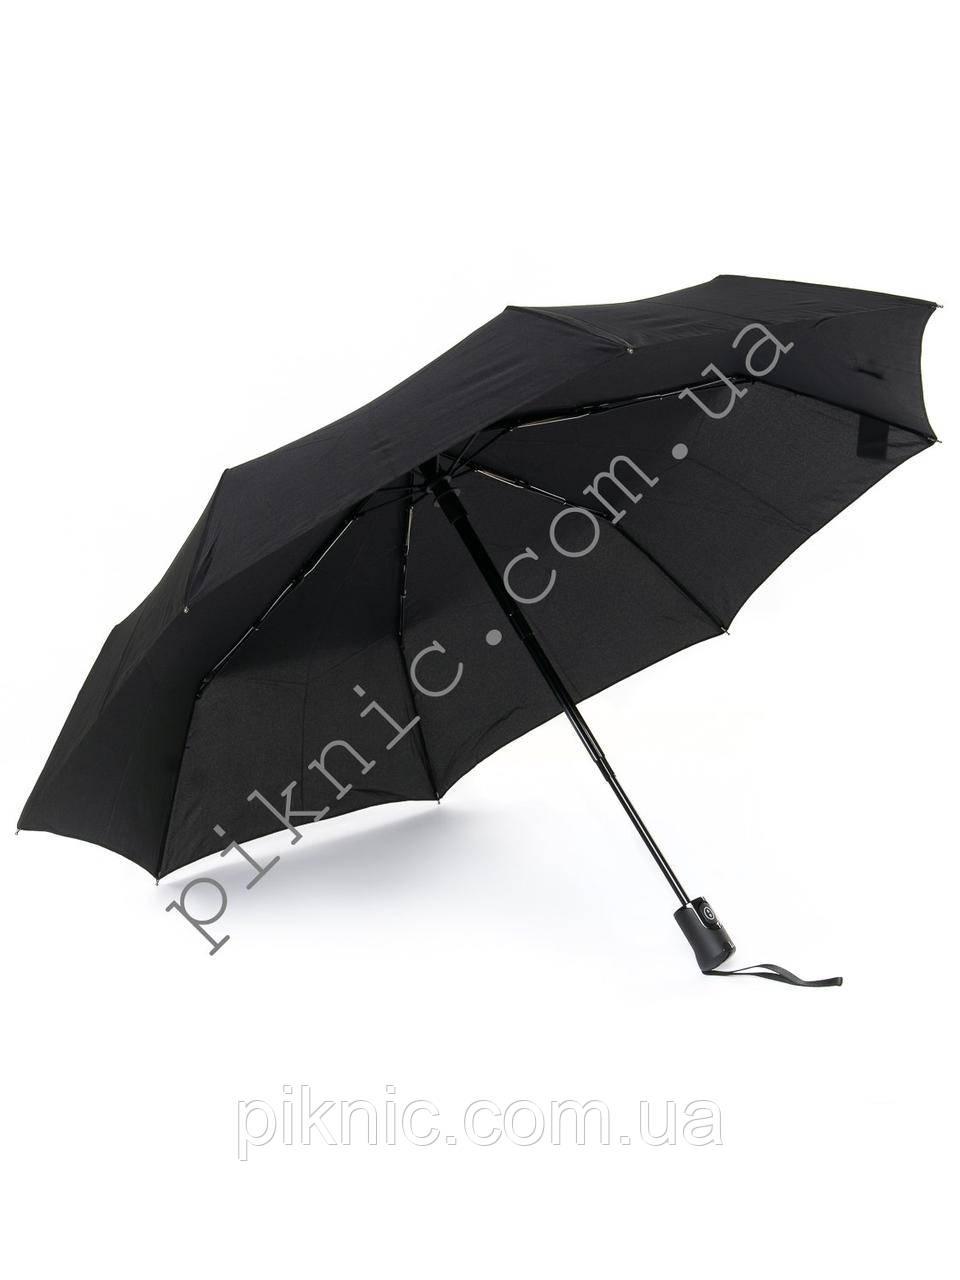 Маленький мужской зонт от дождя автомат: 3 сложения. Антиветер. Диаметр купола 97 см.